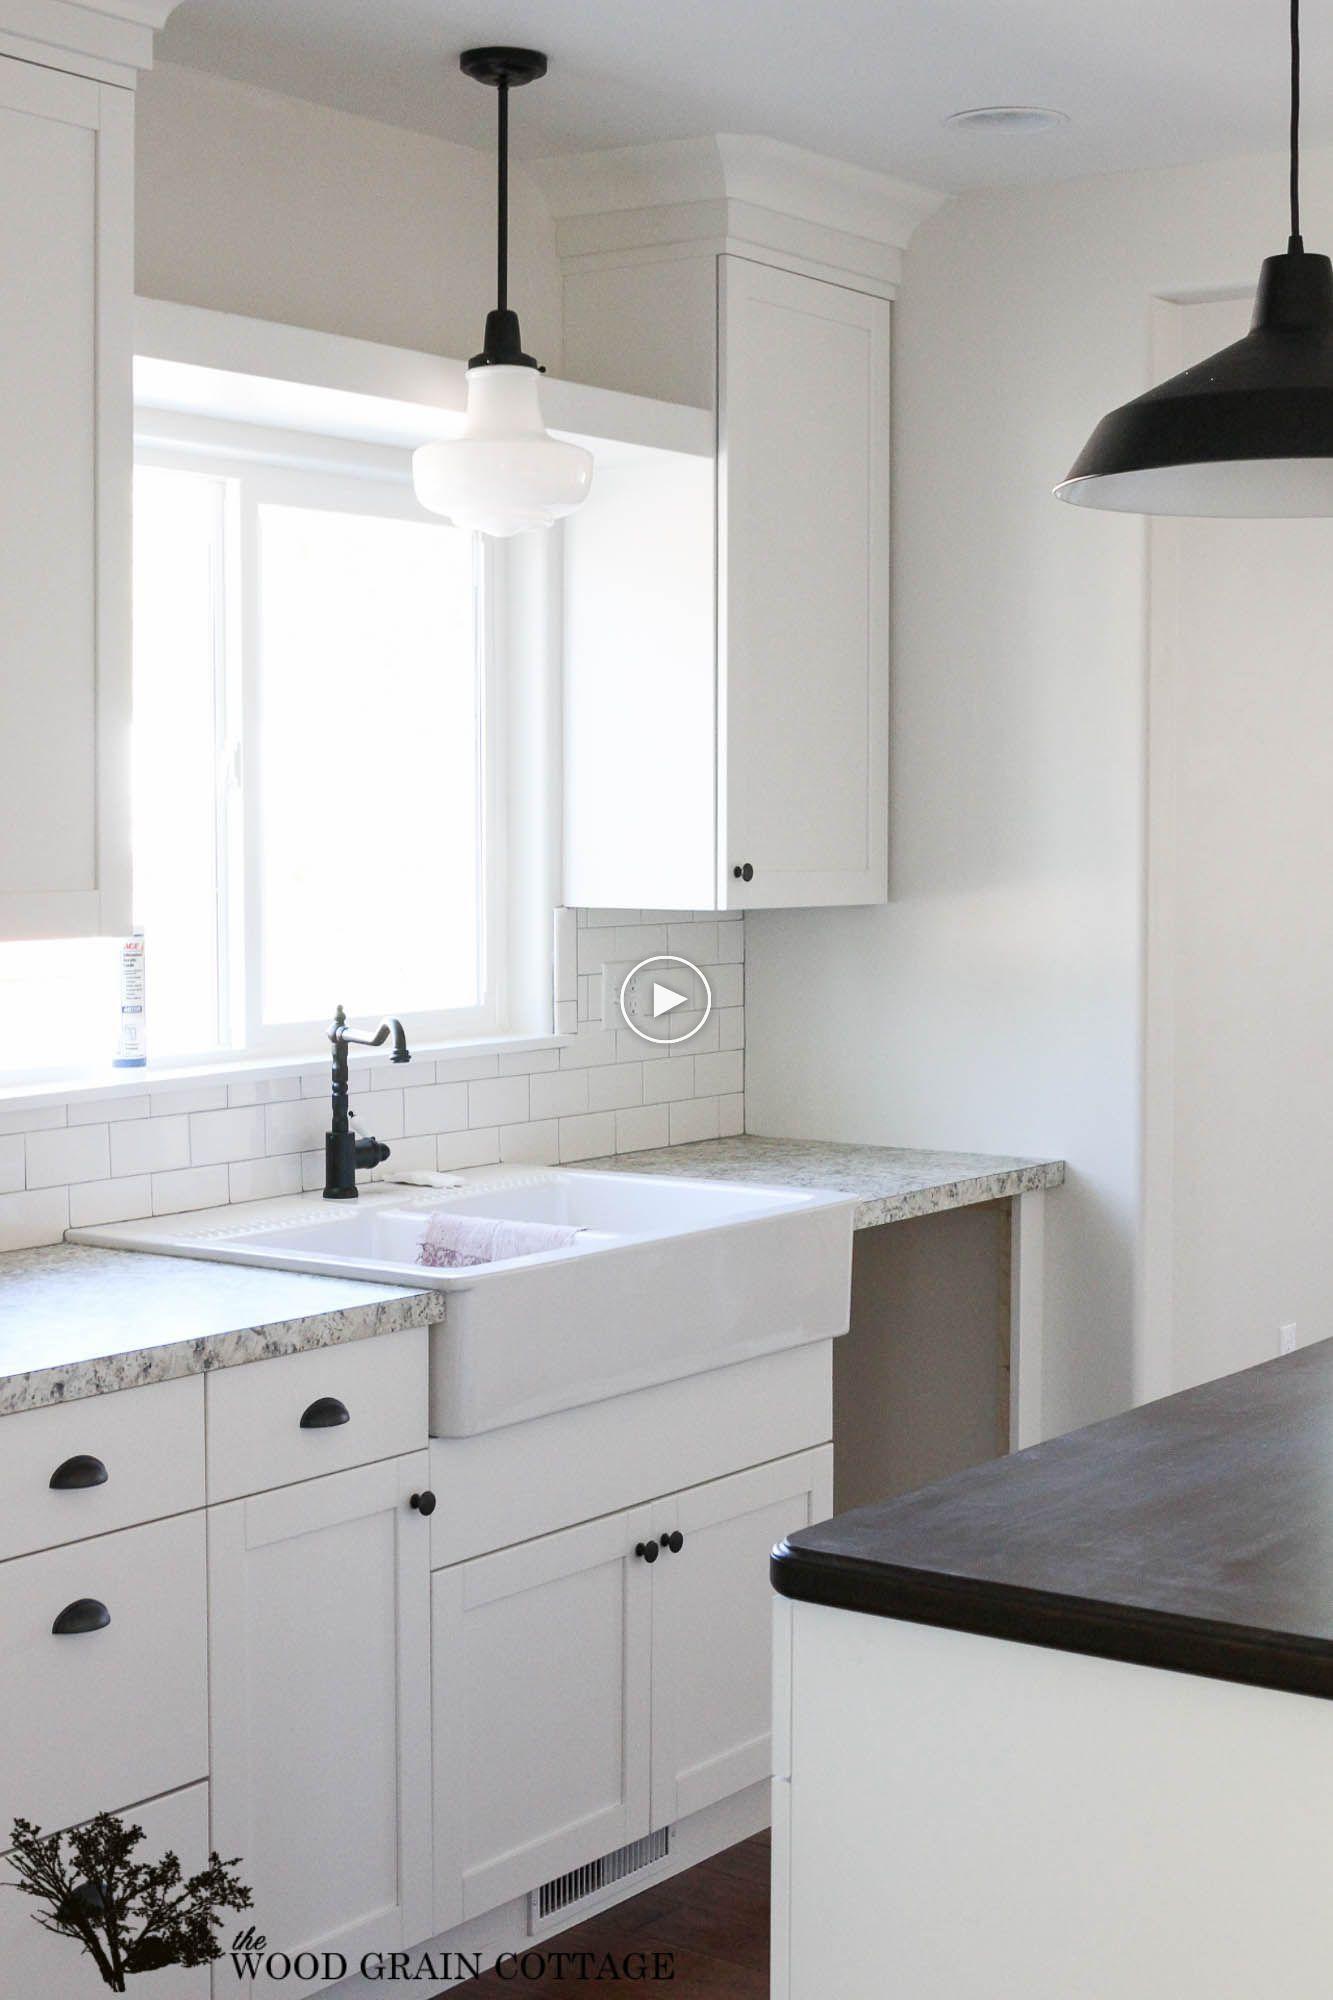 Crystal Cabinet Hardware Pewter Materiel Est Une Tendance Terminer Car Il Est Assez Doux Refacing Kitchen Cabinets Kitchen Cabinets Menards Kitchen Cabinets